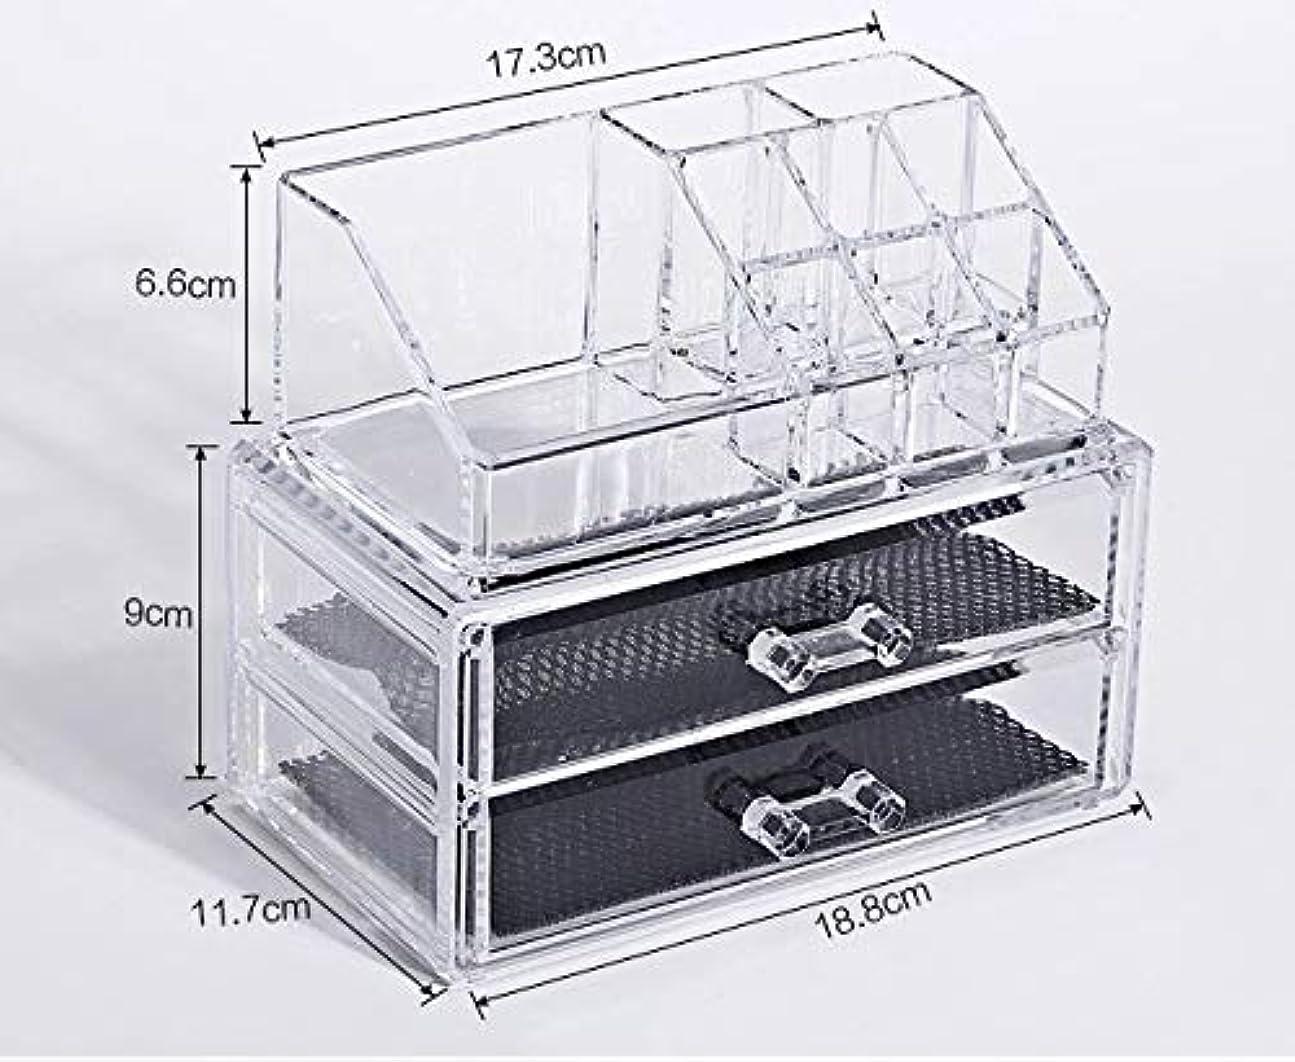 基礎理論エトナ山狼化粧品収納ボックス メイクケース メイクボックス コスメボックス 騒音なし 防塵 高透明度 強い耐久性 整理簡単 引き出し小物